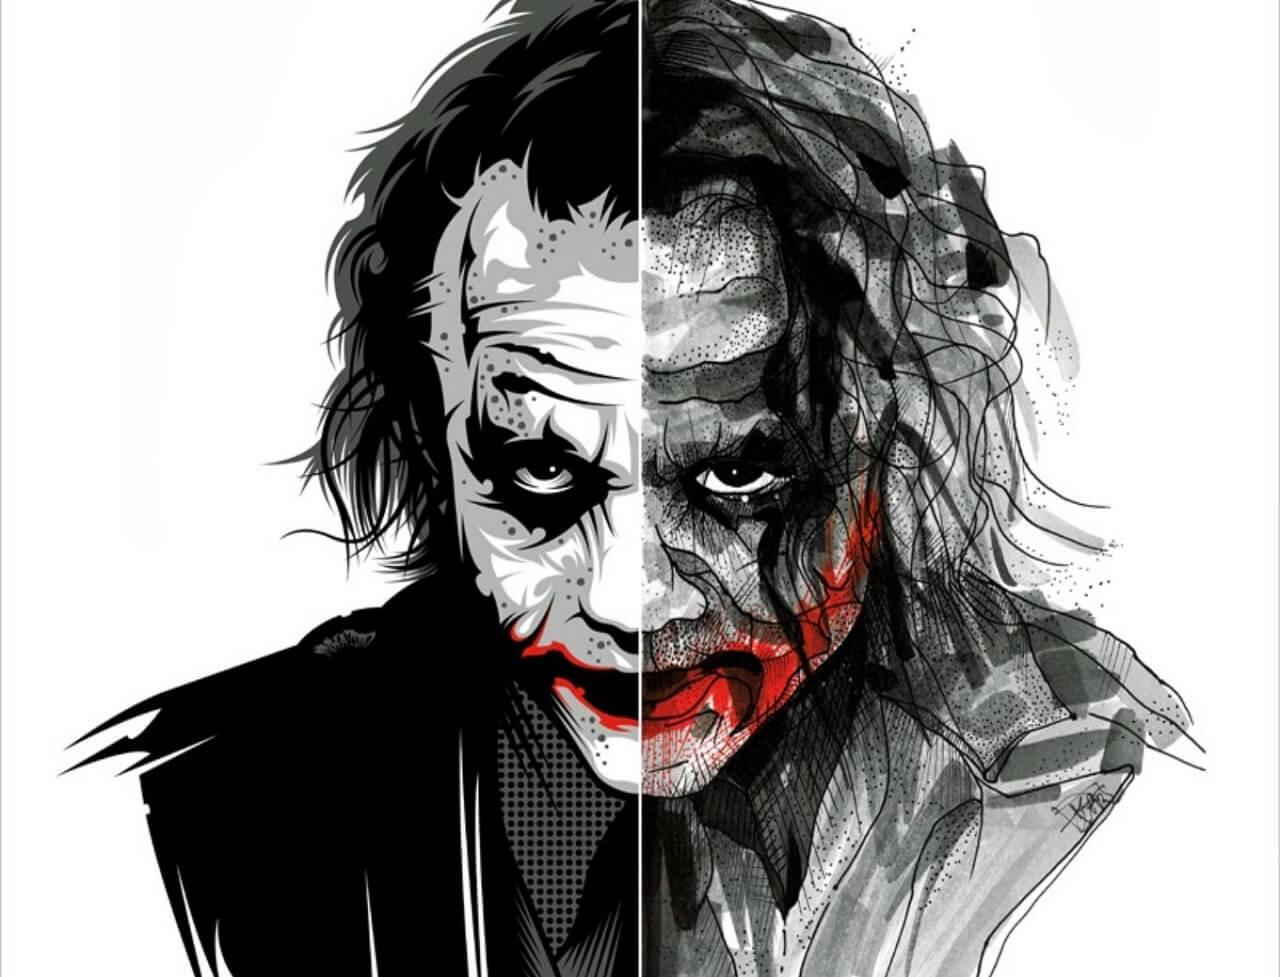 Joker black and white sketch